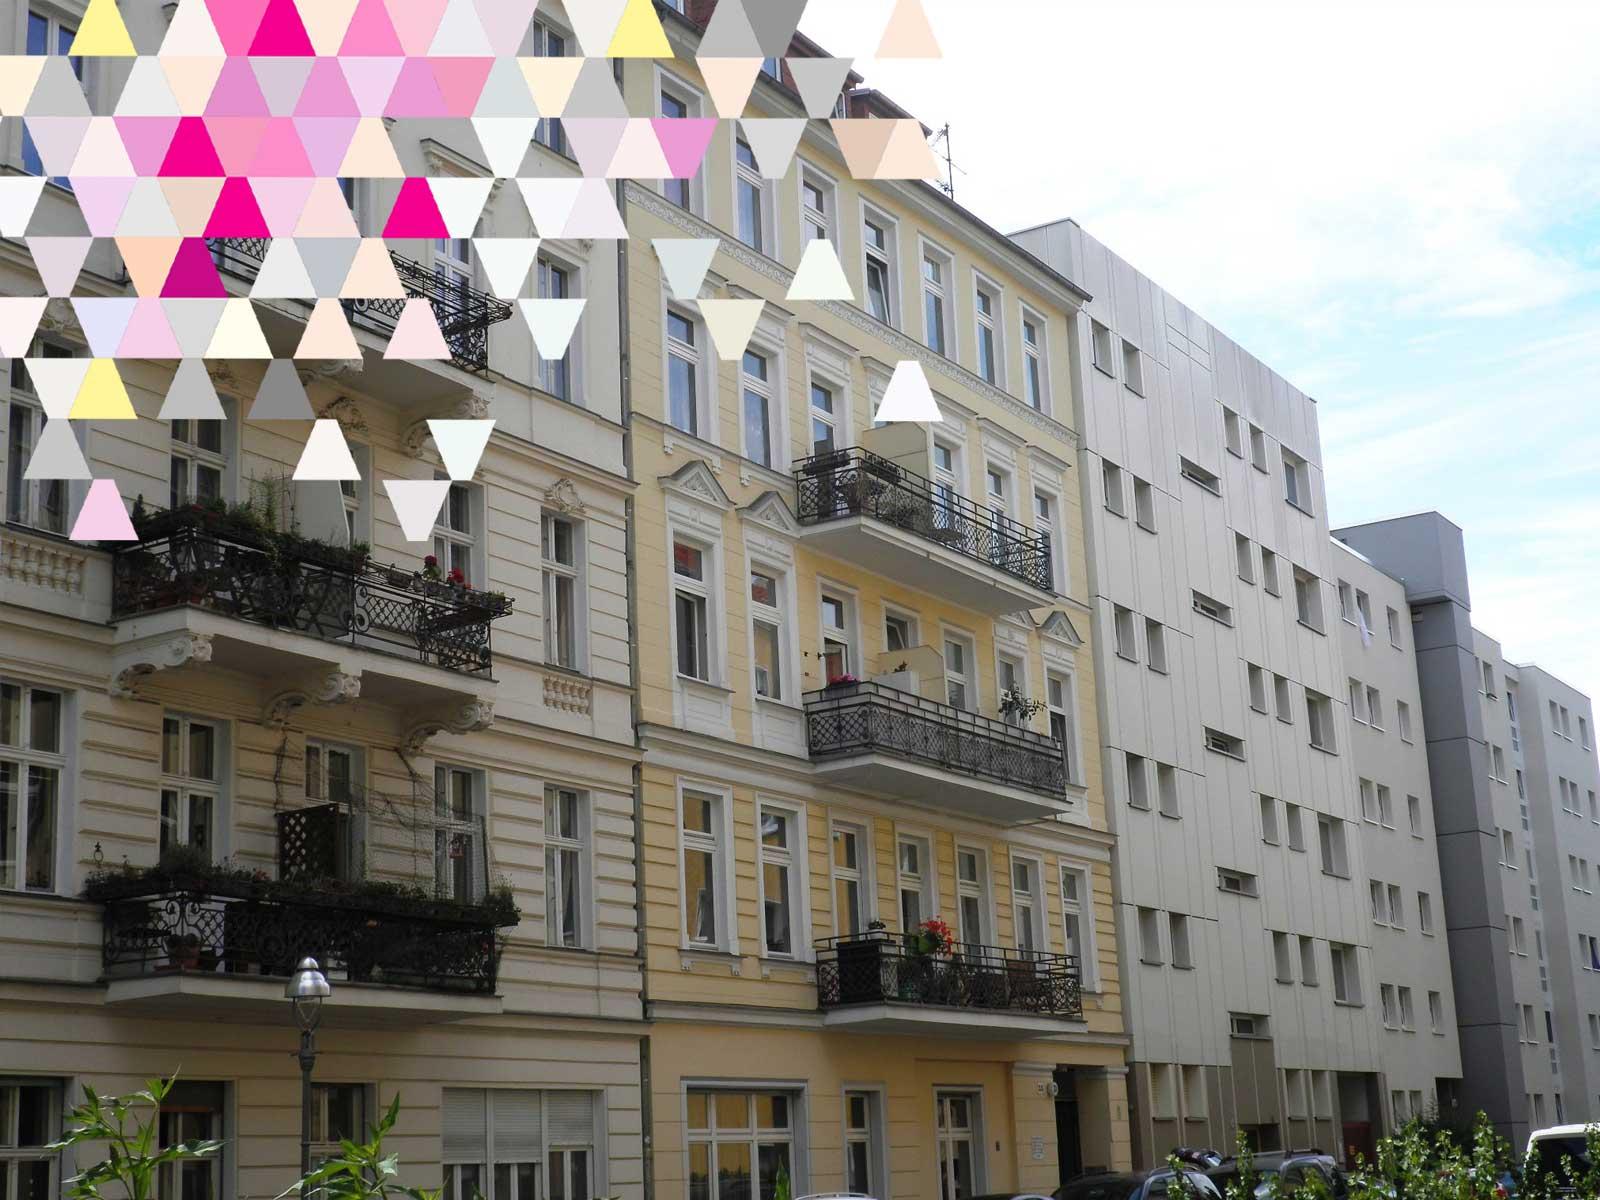 Eigentumswohnung | Verkauft zur Eigennutzung | 1 Zimmer | ca. 28 m² | Berlin-Tiergarten